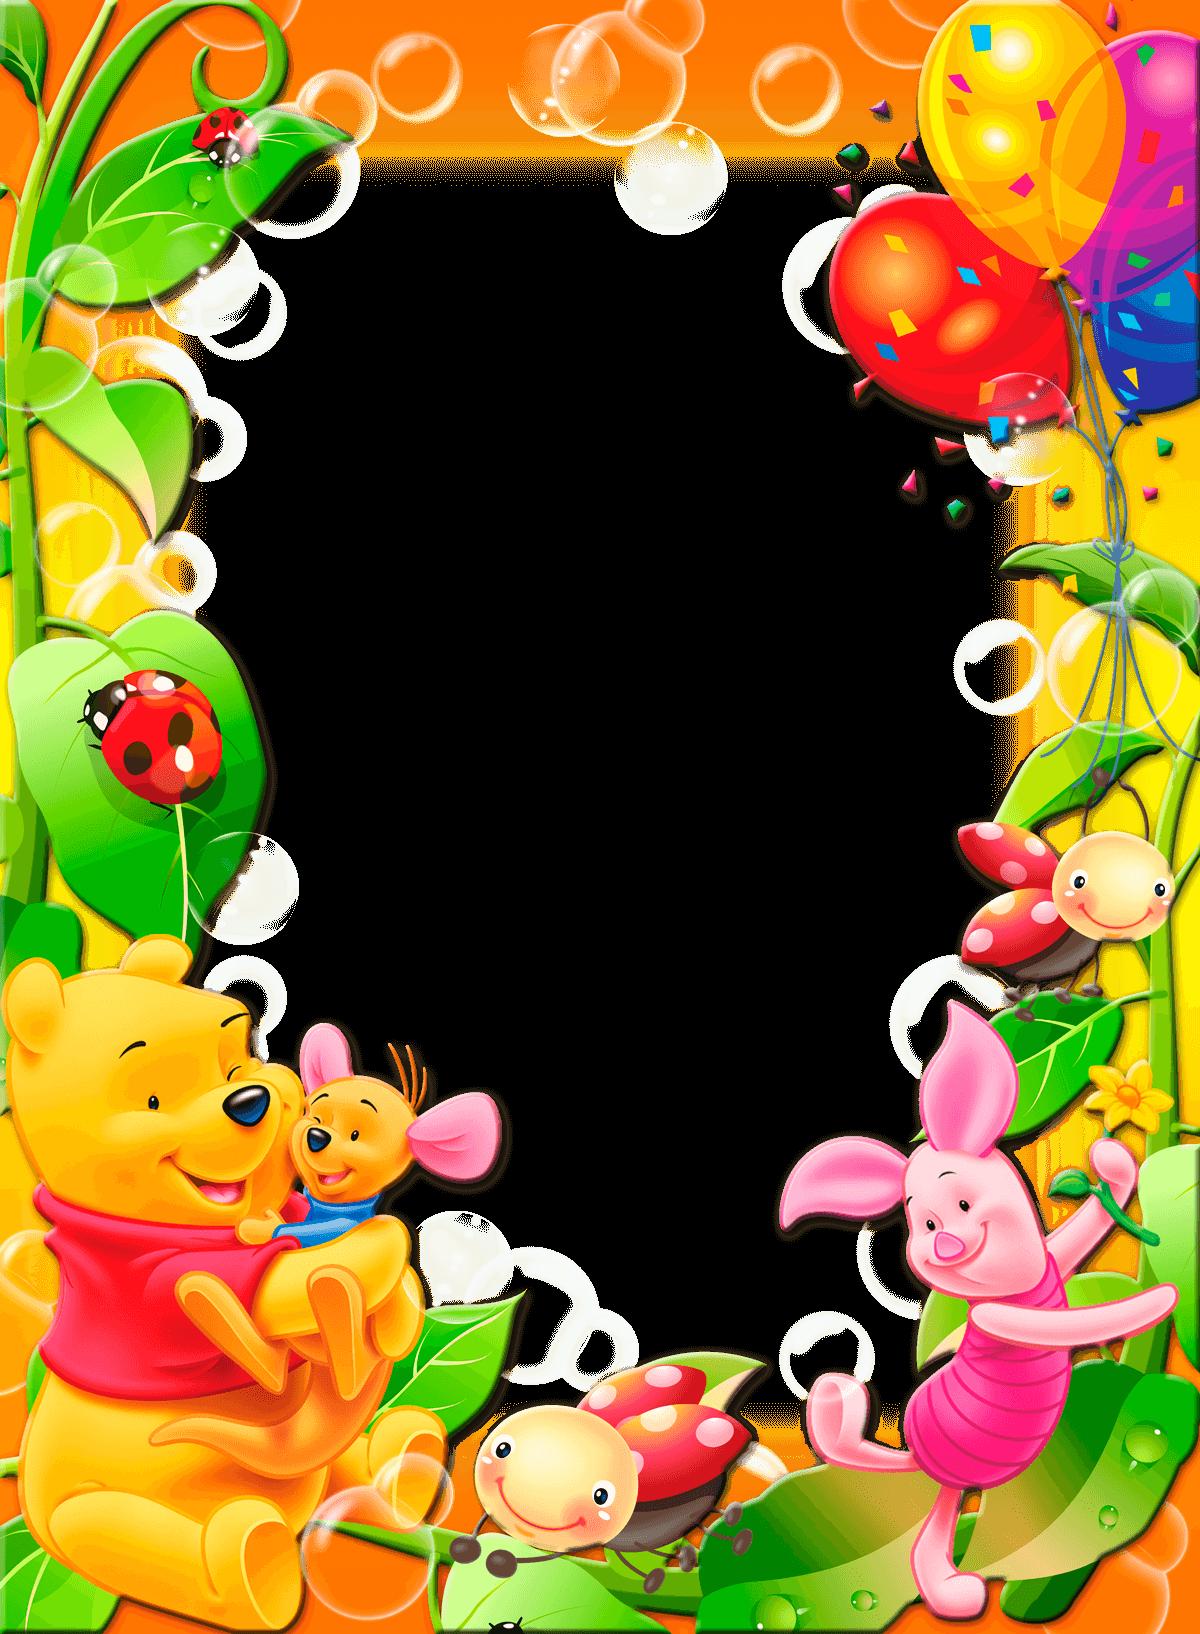 Детские картинки для оформления поздравление